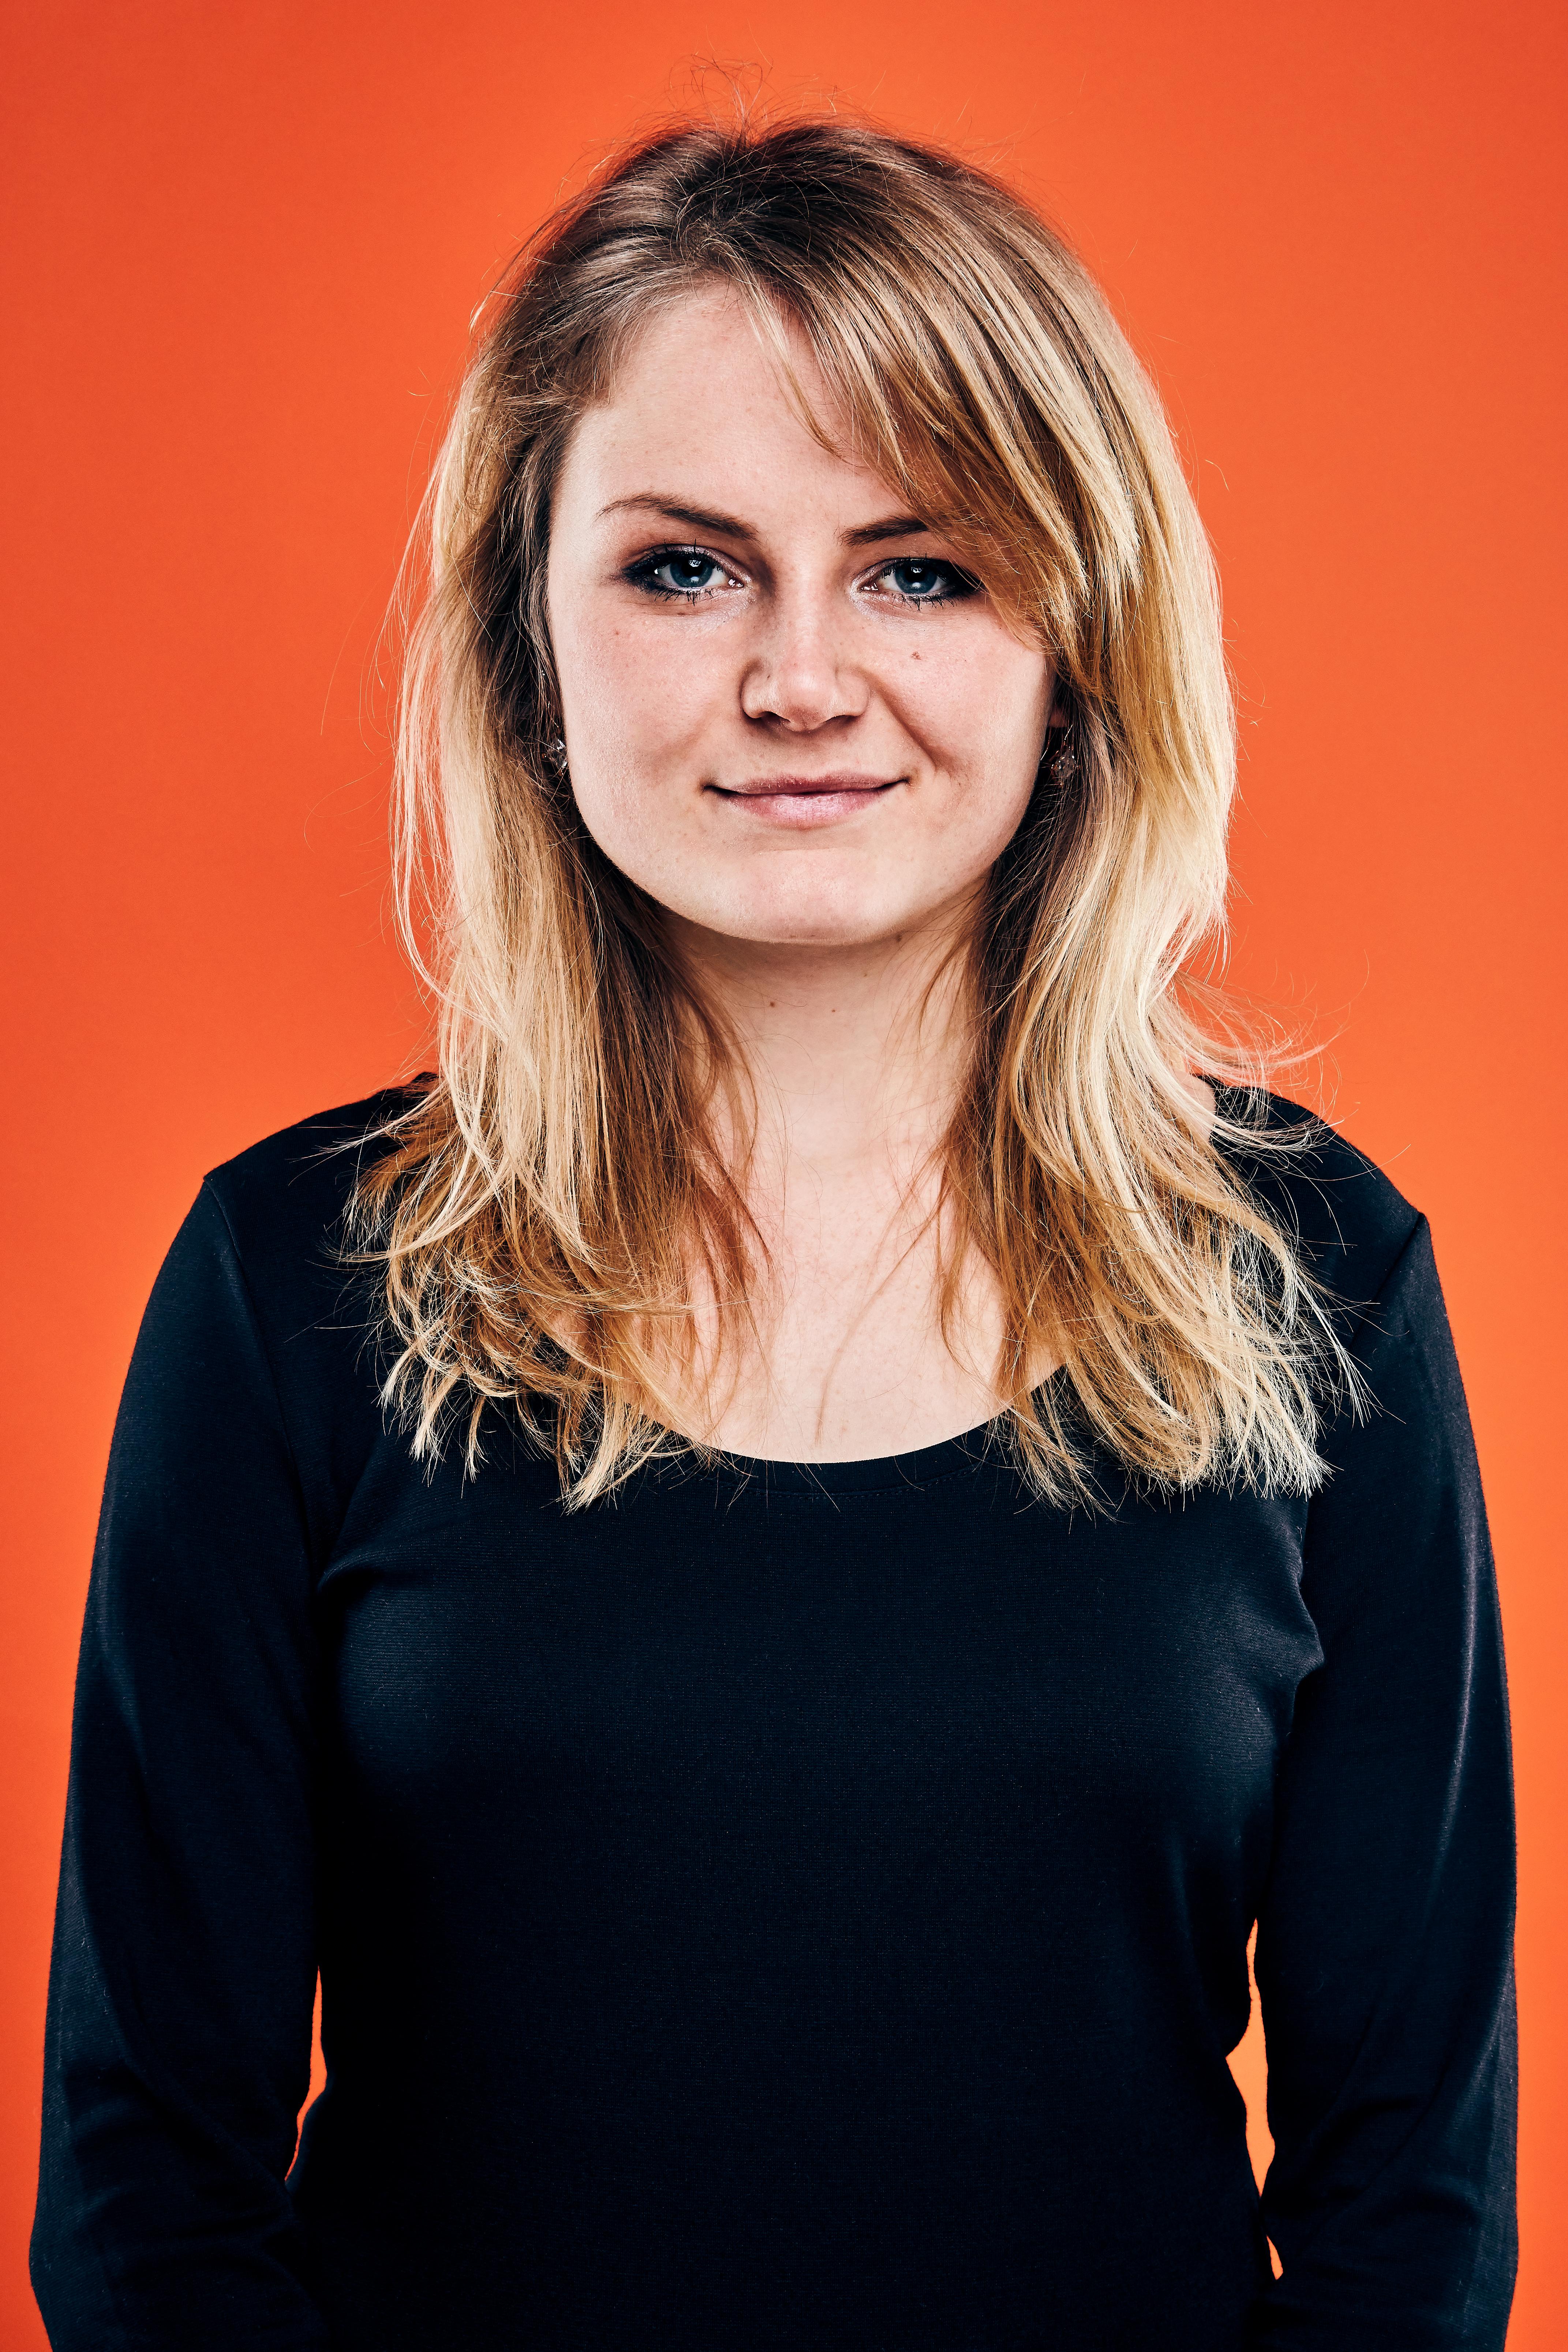 Karoline Lindt